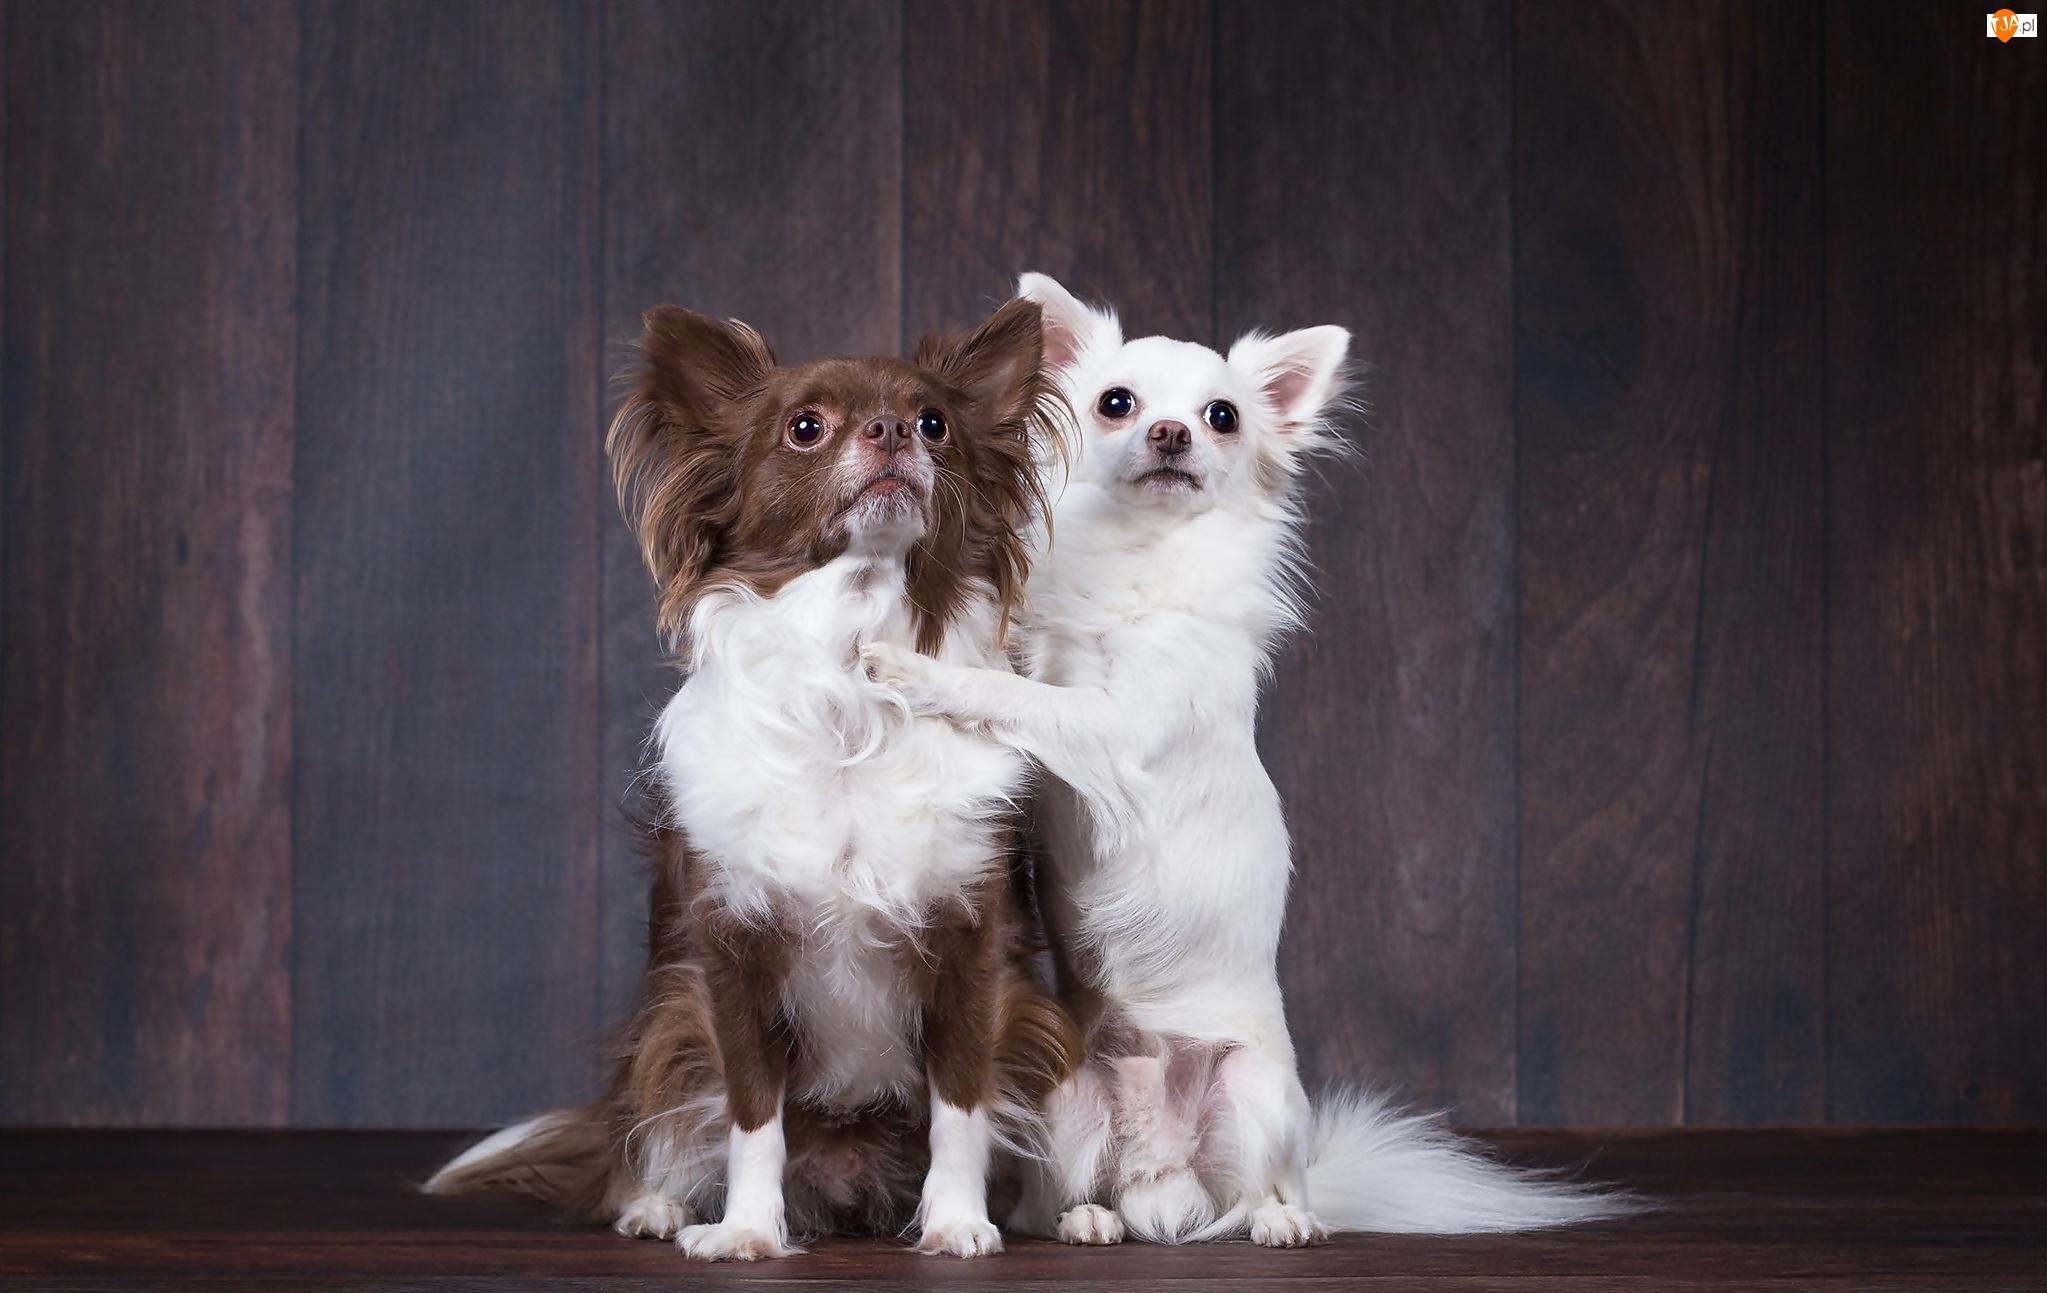 Pozowanie, Dwa, Pieski, Słodkie, Chihuahua